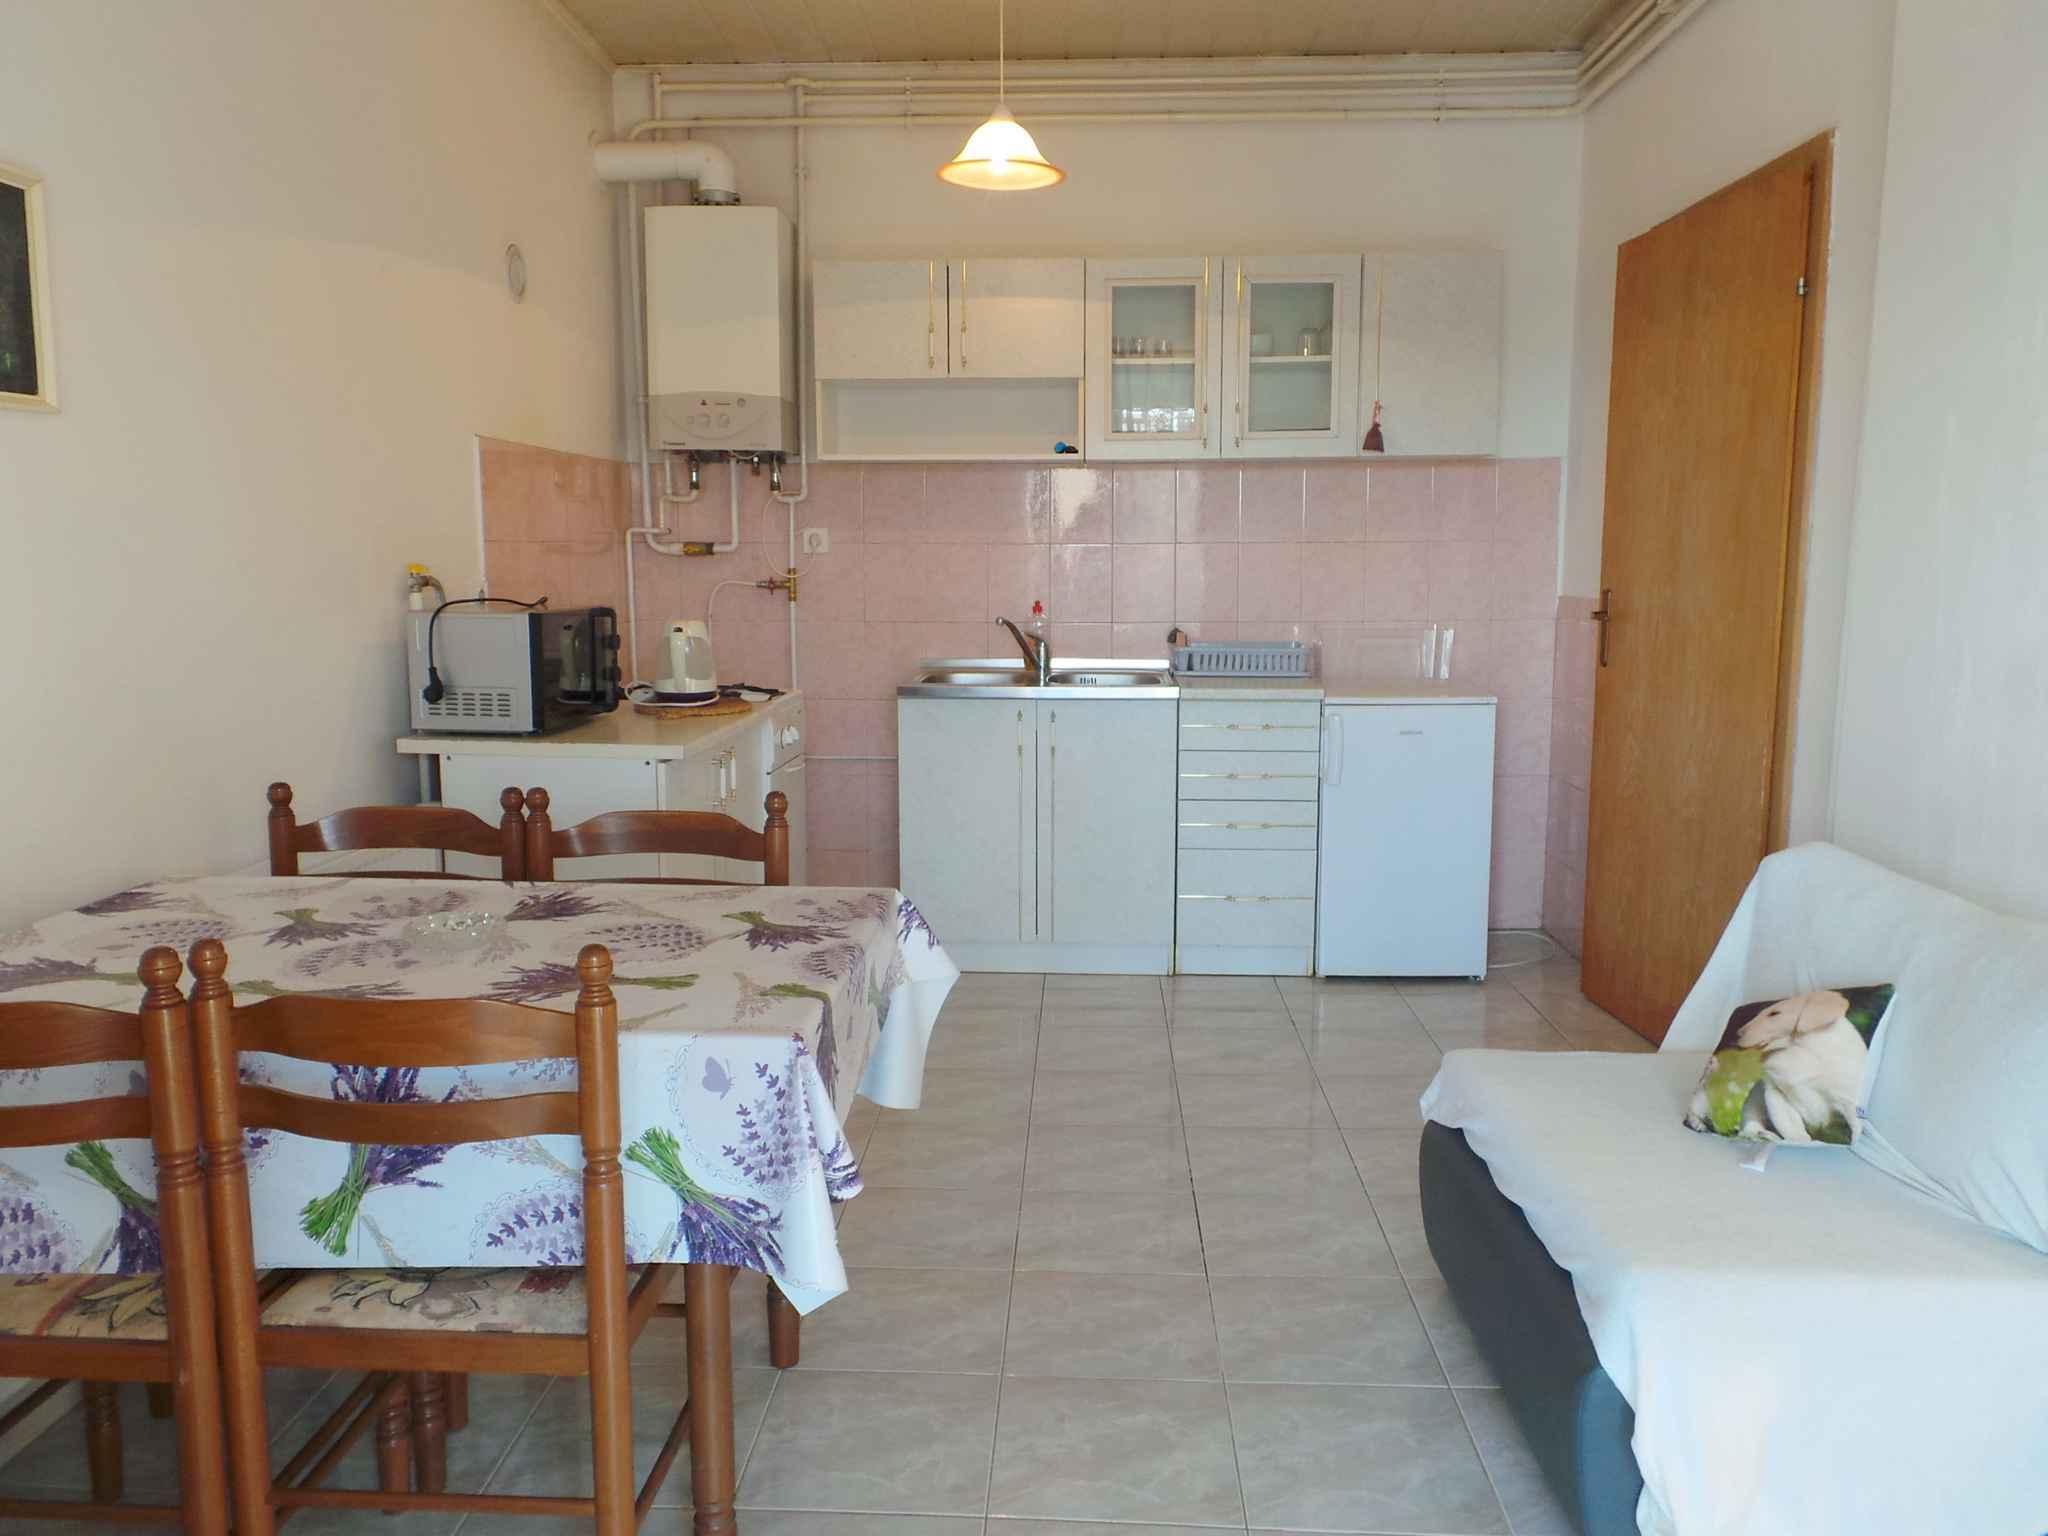 Ferienwohnung mit SAT-TV und Balkon (280821), Pula, , Istrien, Kroatien, Bild 11